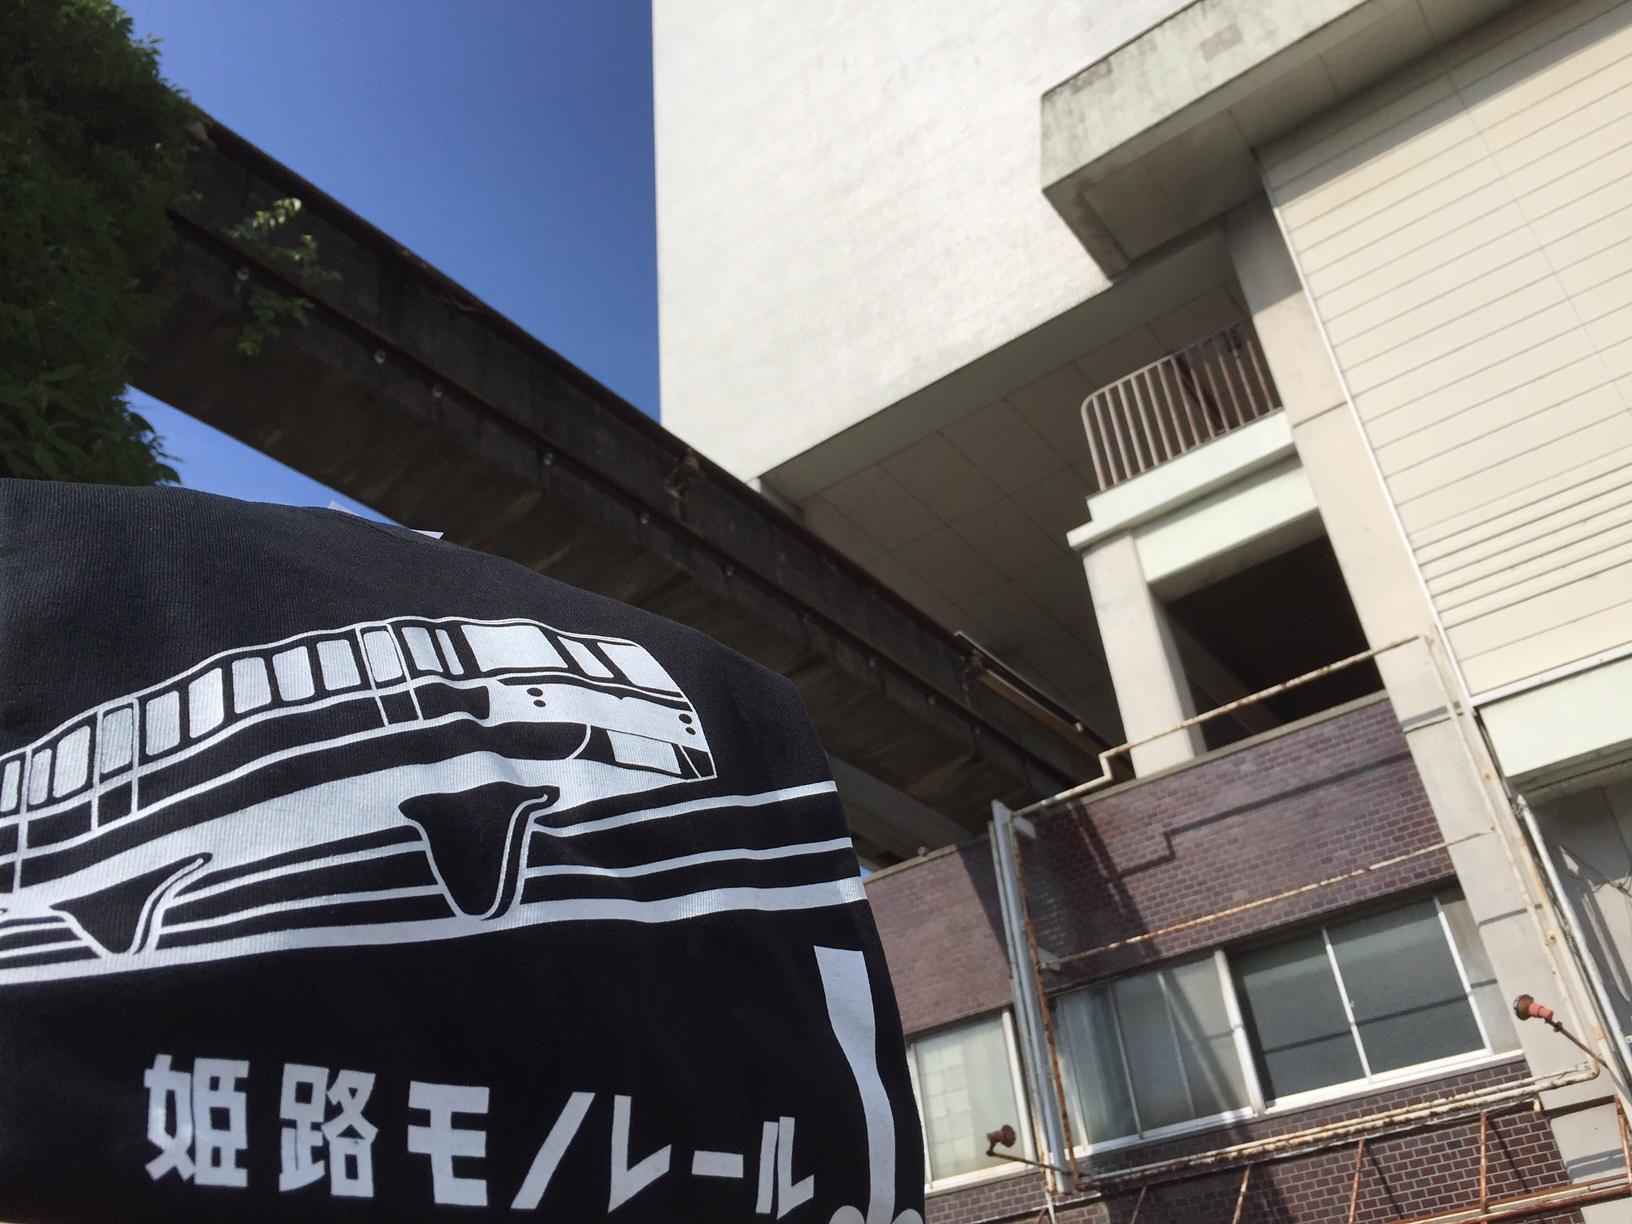 廃線@姫路モノレールのTシャツ(サンプル版)が届いたので本物と記念撮影なう